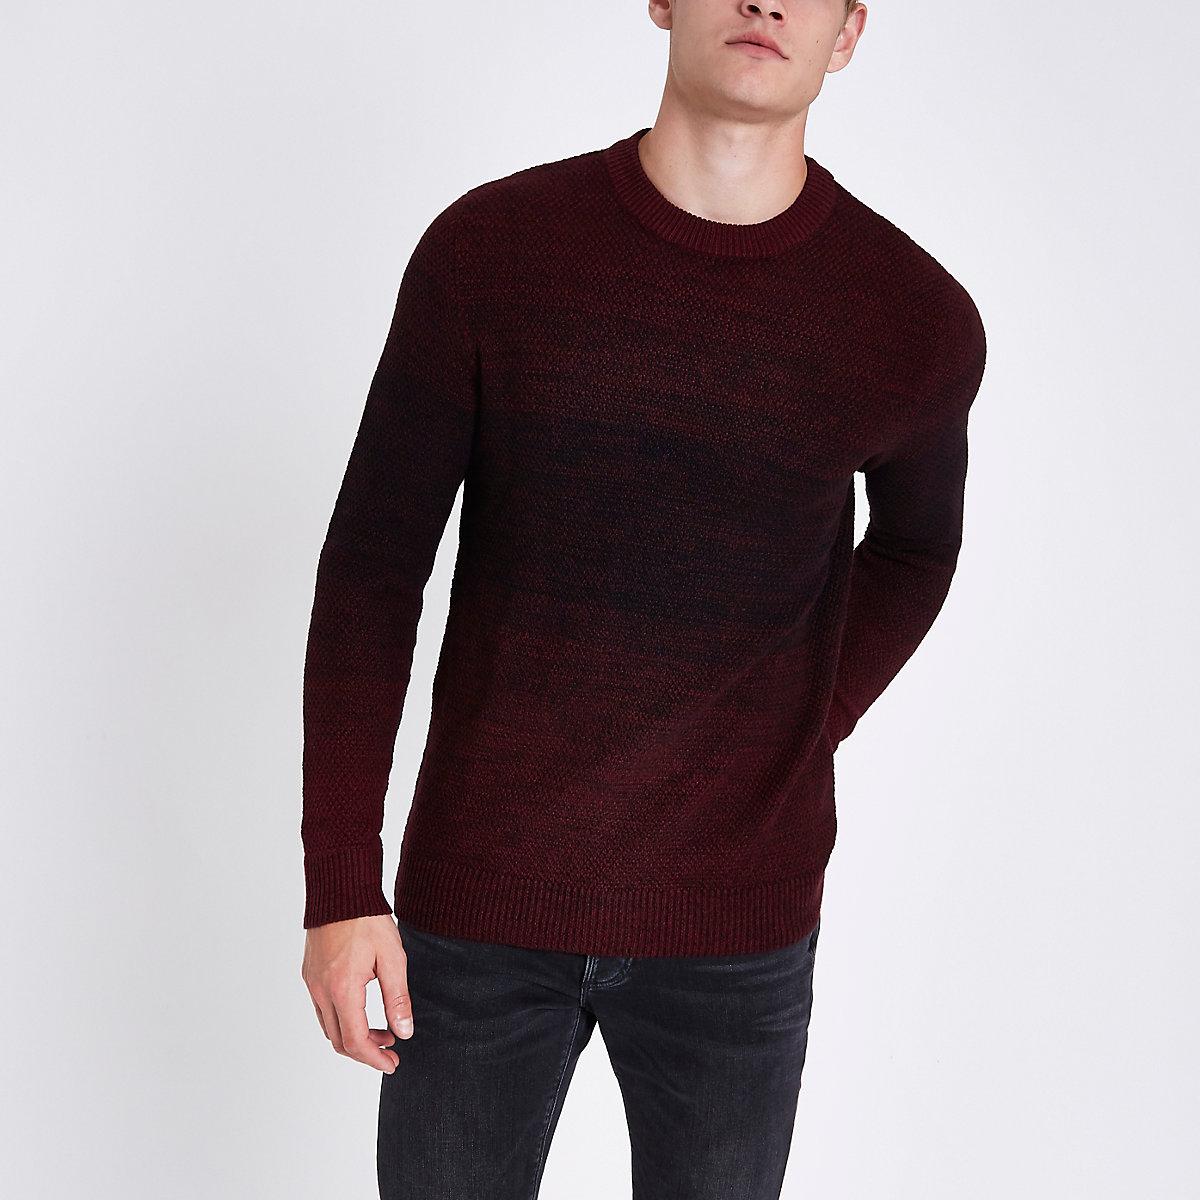 Jack & Jones Originals dark red knit jumper